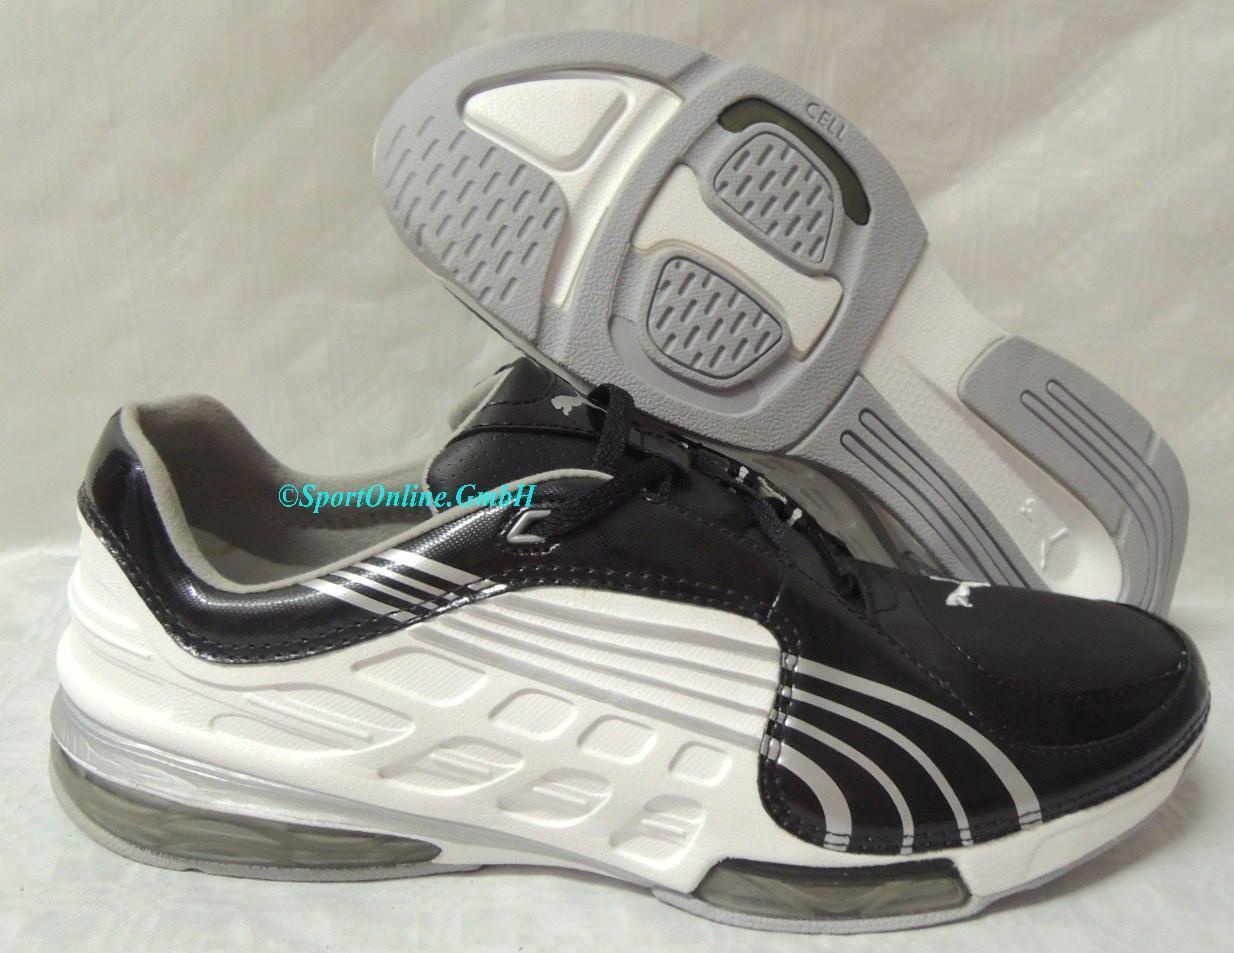 NEU S Puma Cell L.I.F.T Trainer S NEU Größe 42,5 Men Laufschuhe Sneaker Lift 184476-03 38a53c